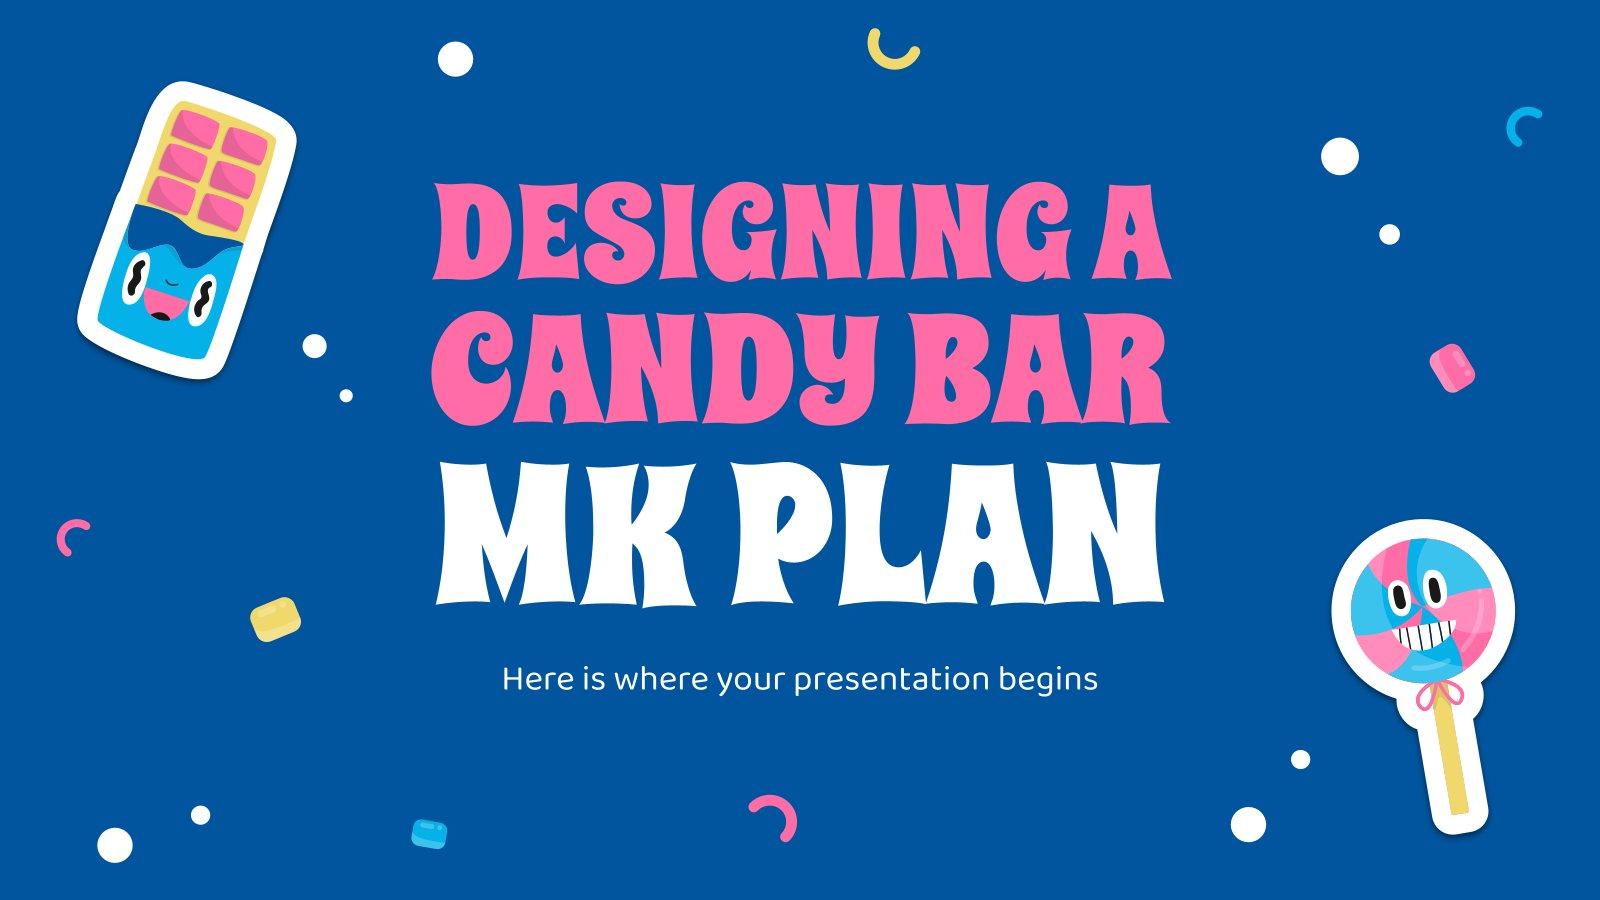 PK: Gestaltung einer Candy Bar Präsentationsvorlage